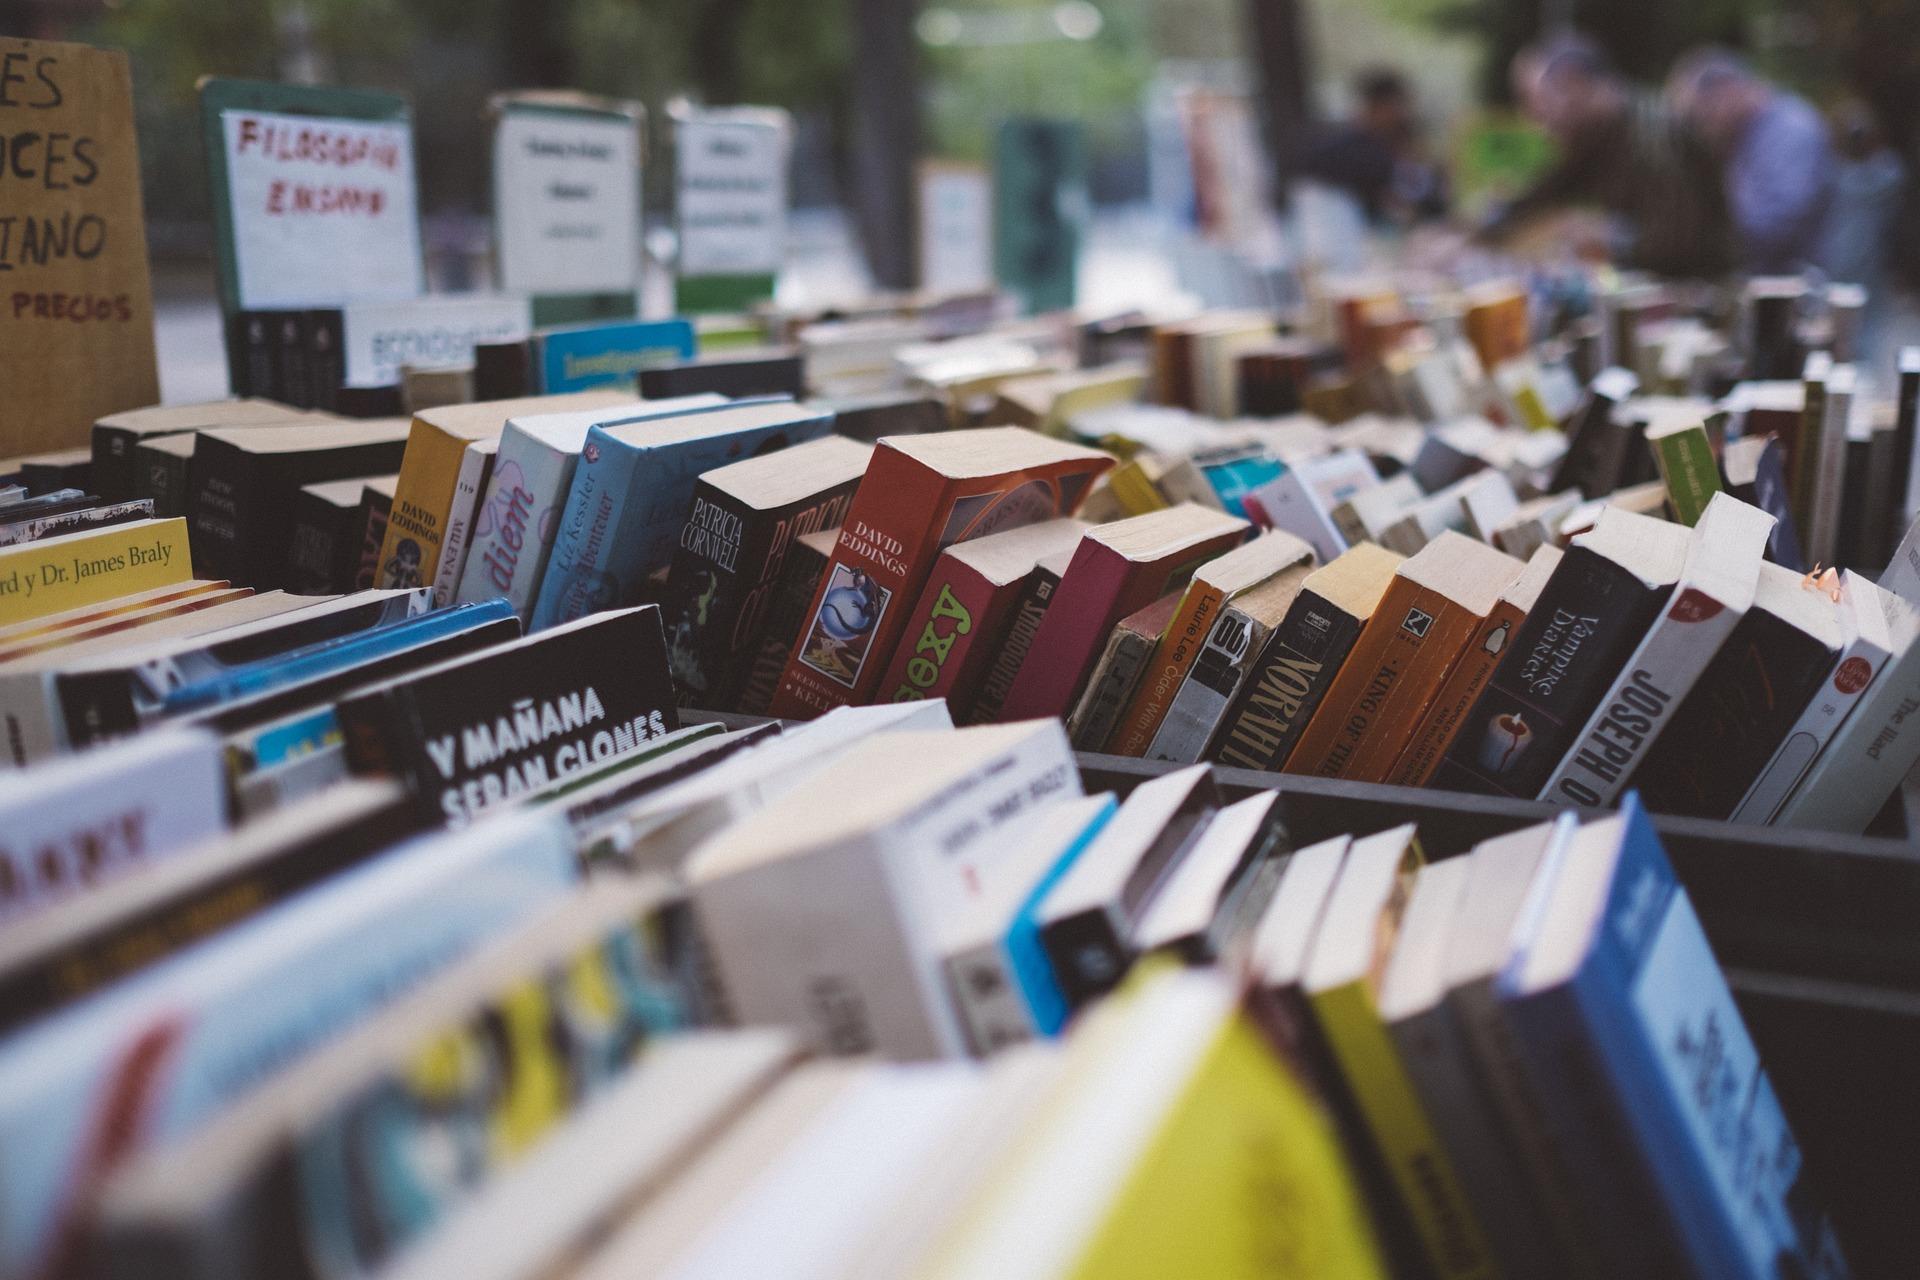 Des einen Leid, des anderen Freud: Wo wir Bücher kaufen